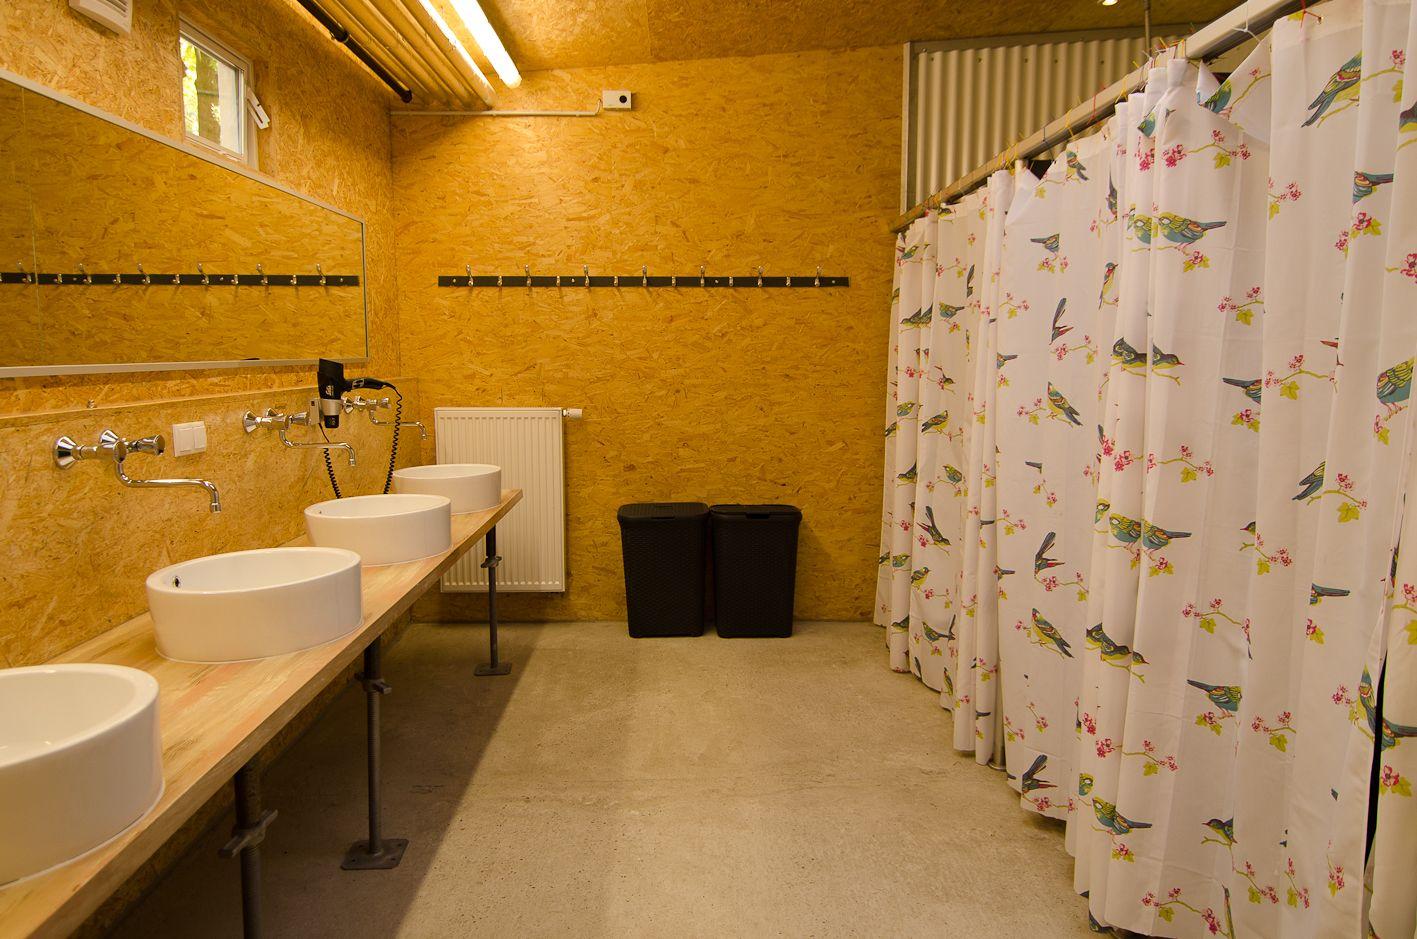 Hostel Bonn | BaseCamp - historische Wohnwagen in thematischer Gestaltung